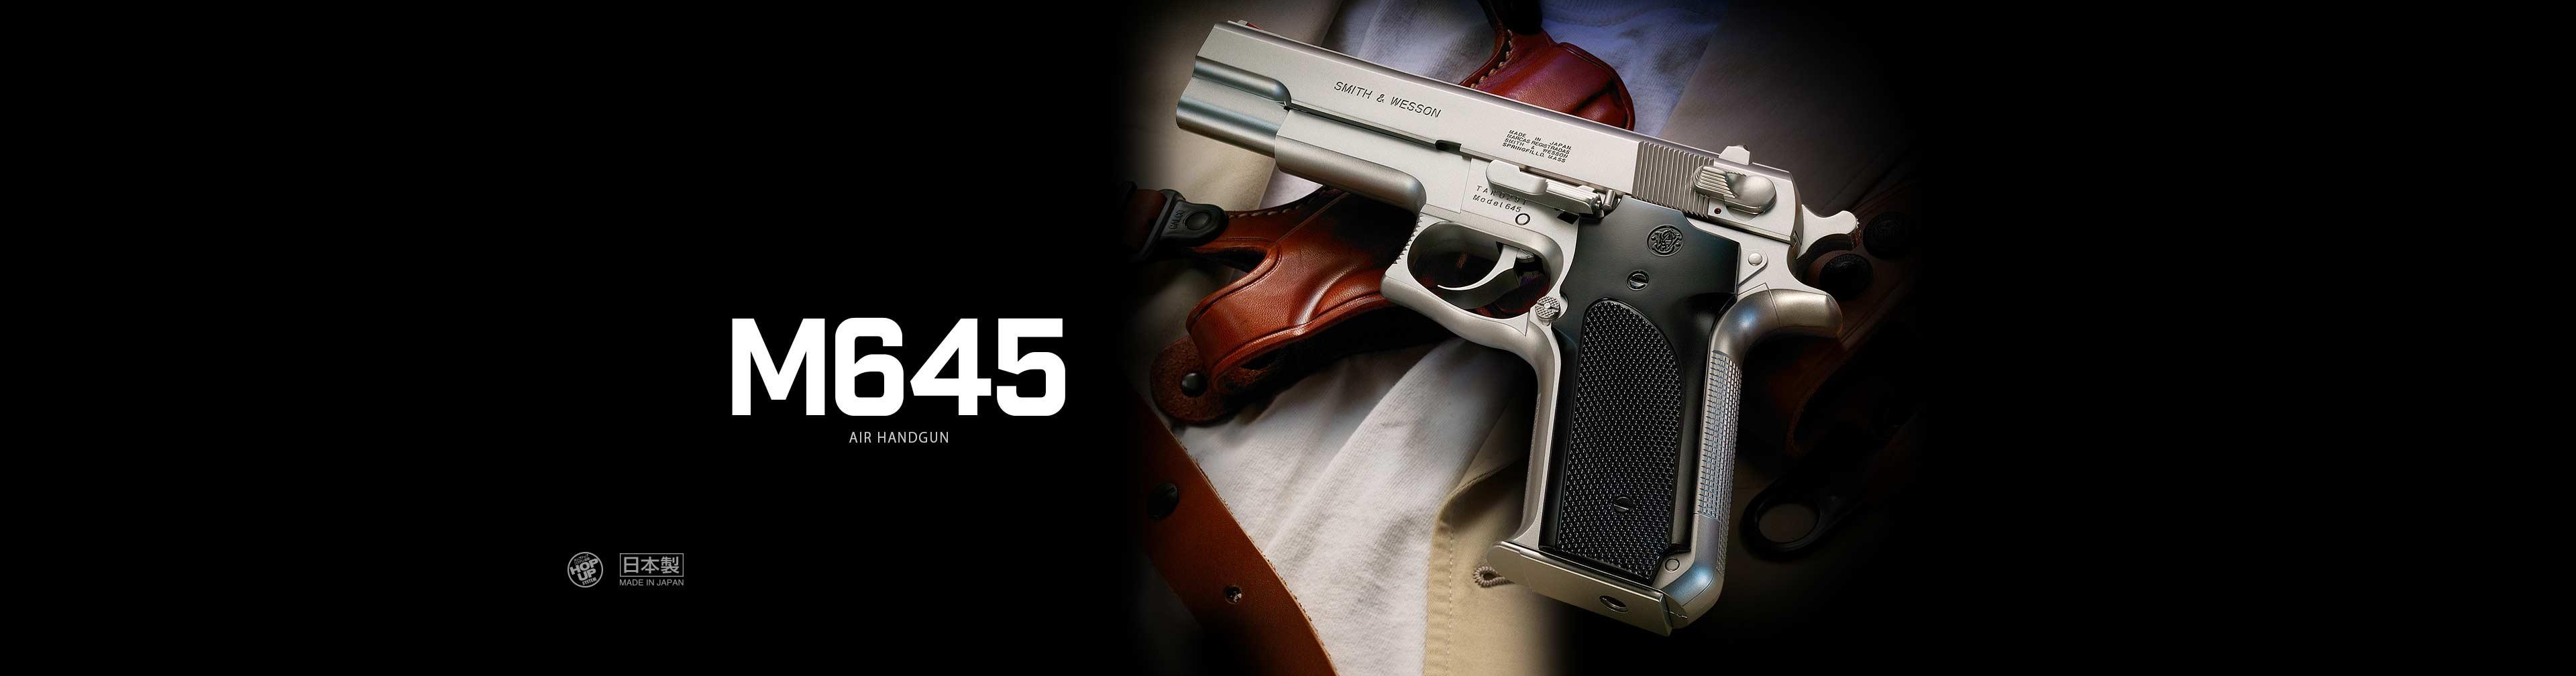 東京マルイ M645 AIR